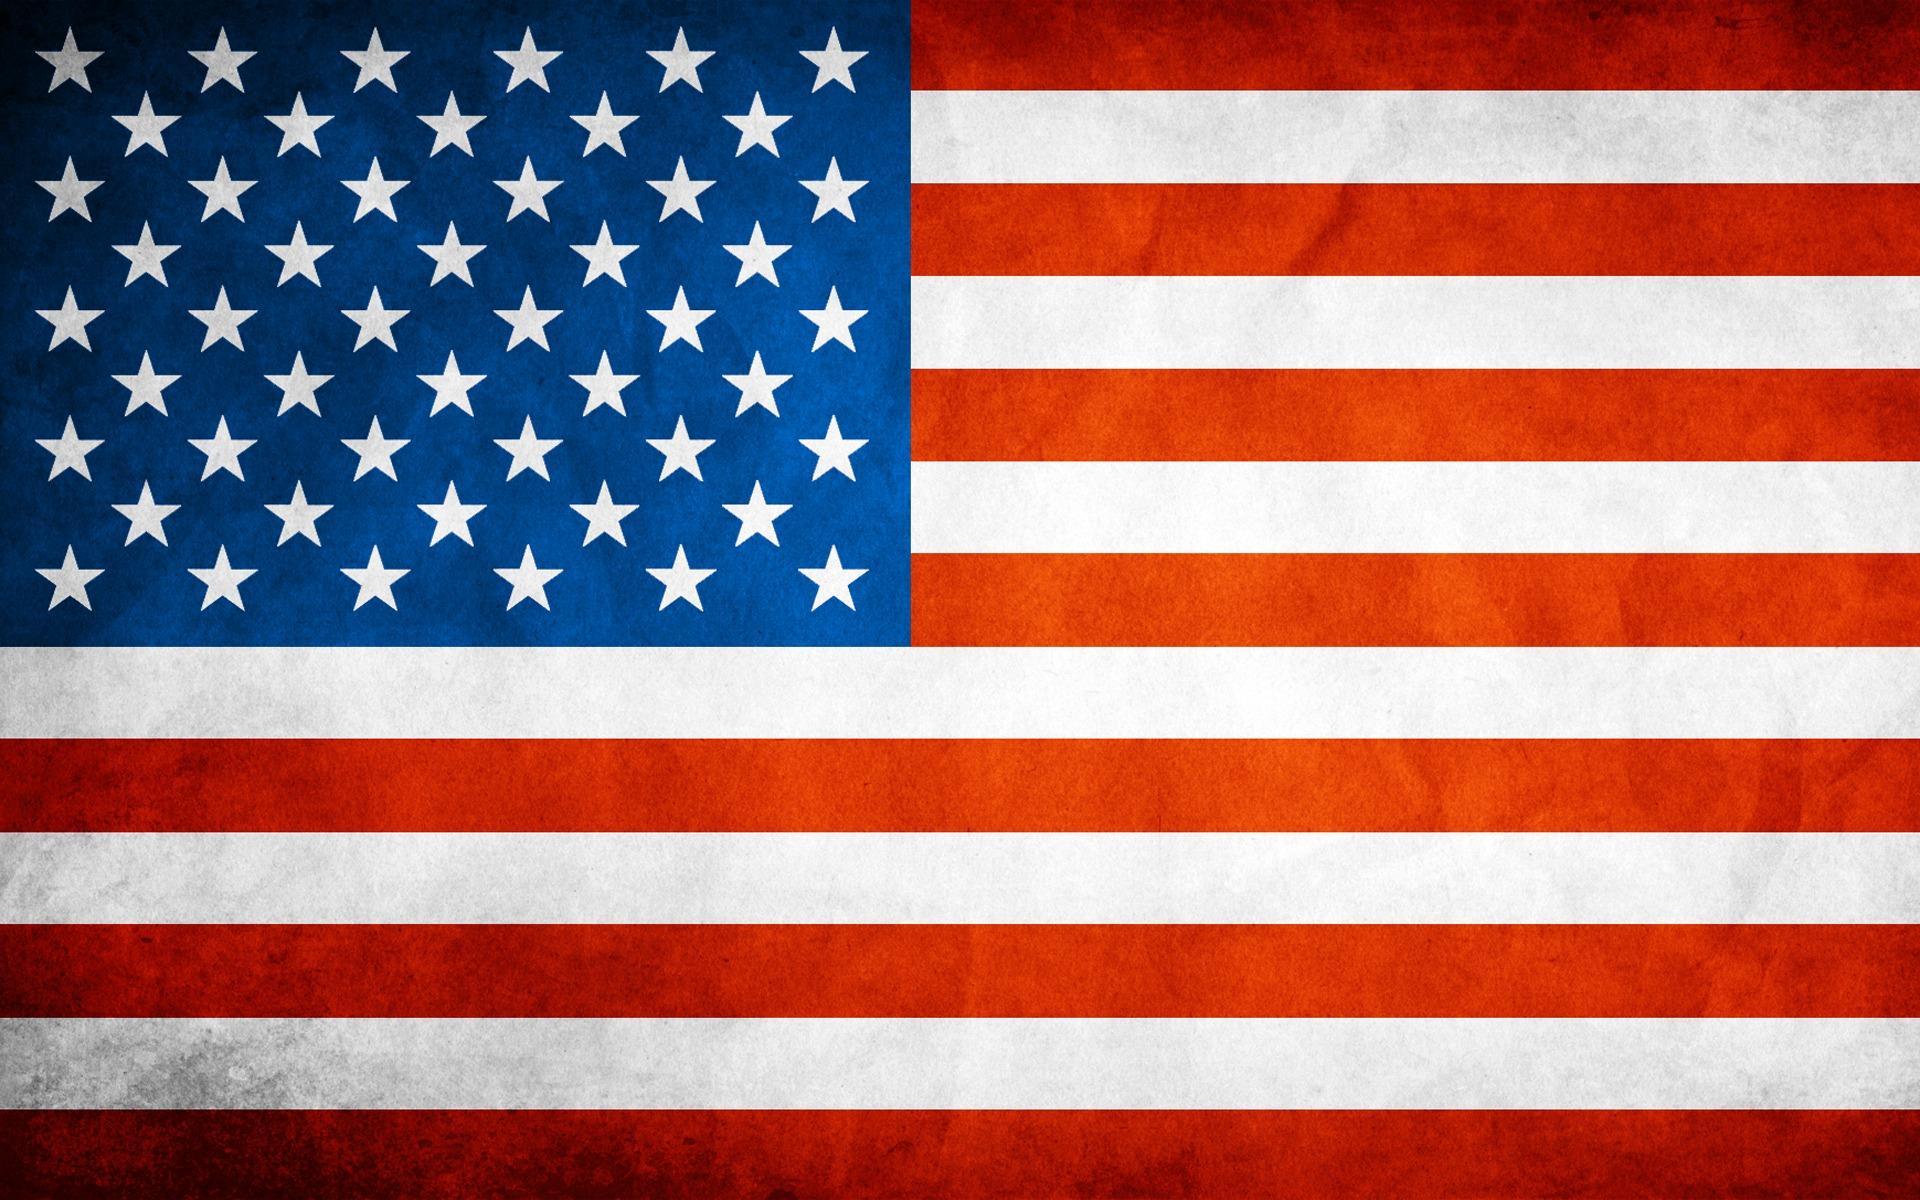 Introduction à mon séjour aux États Unis d'Amérique